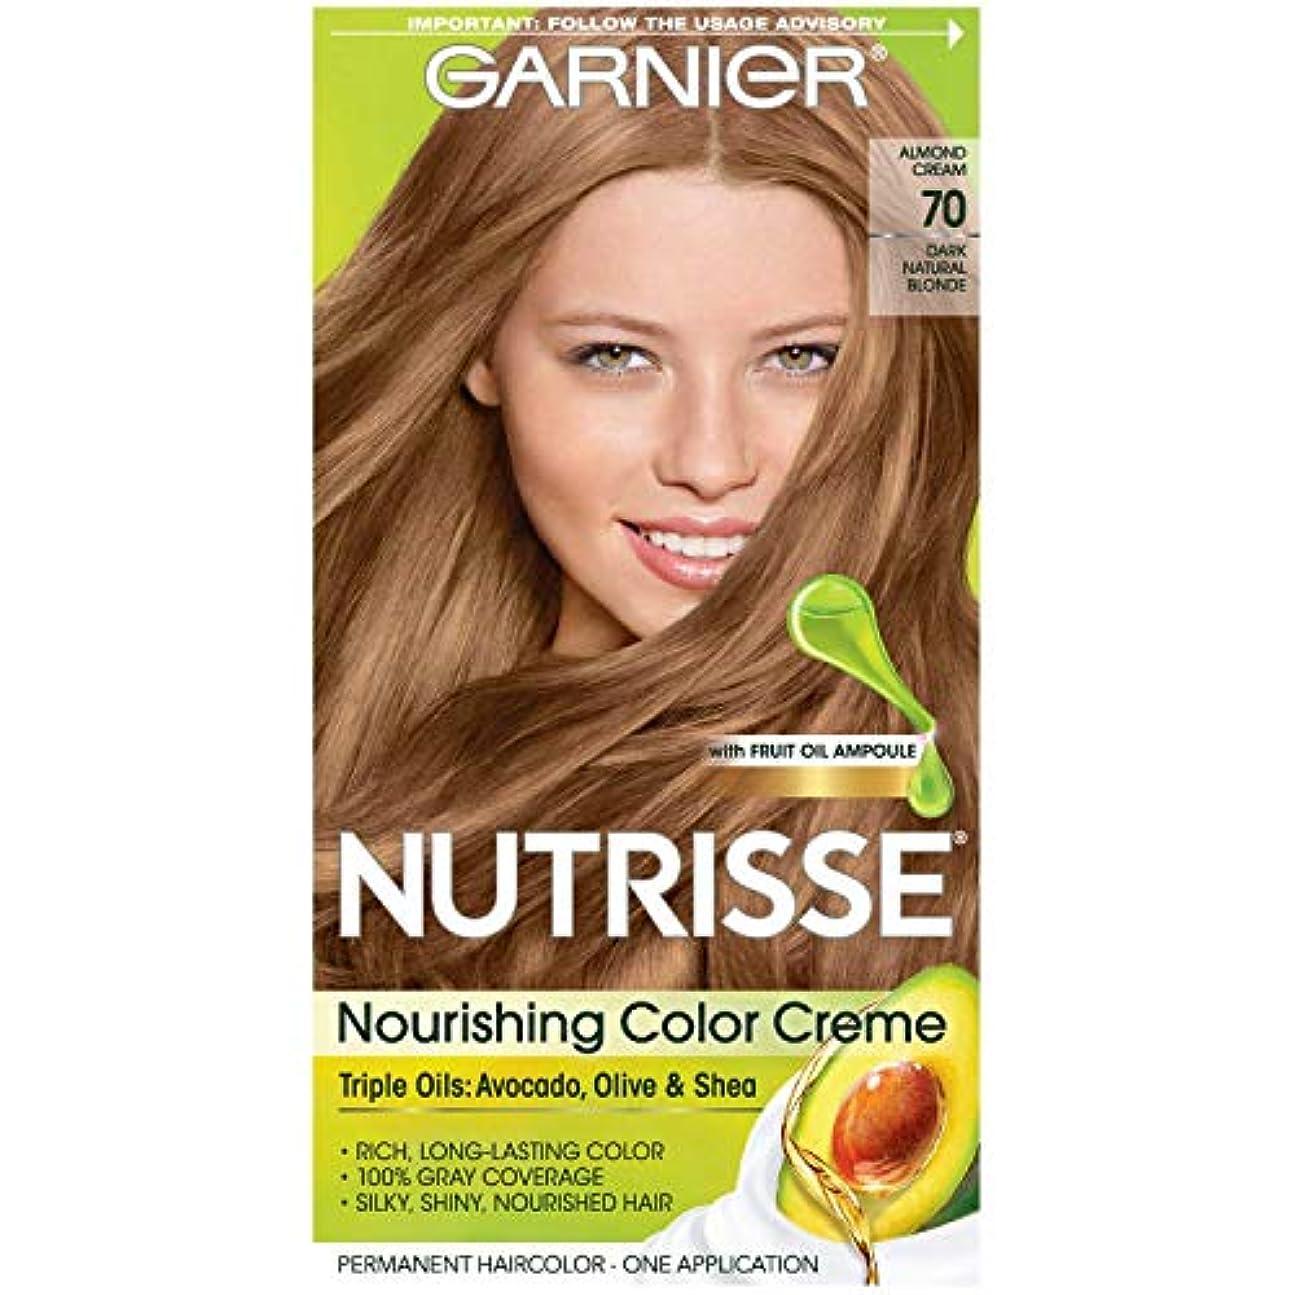 無線阻害する故障中Garnier Nutrisseヘアカラー、70ダークナチュラルブロンドアーモンドCRME、1つのカウント(12パック) 1パック